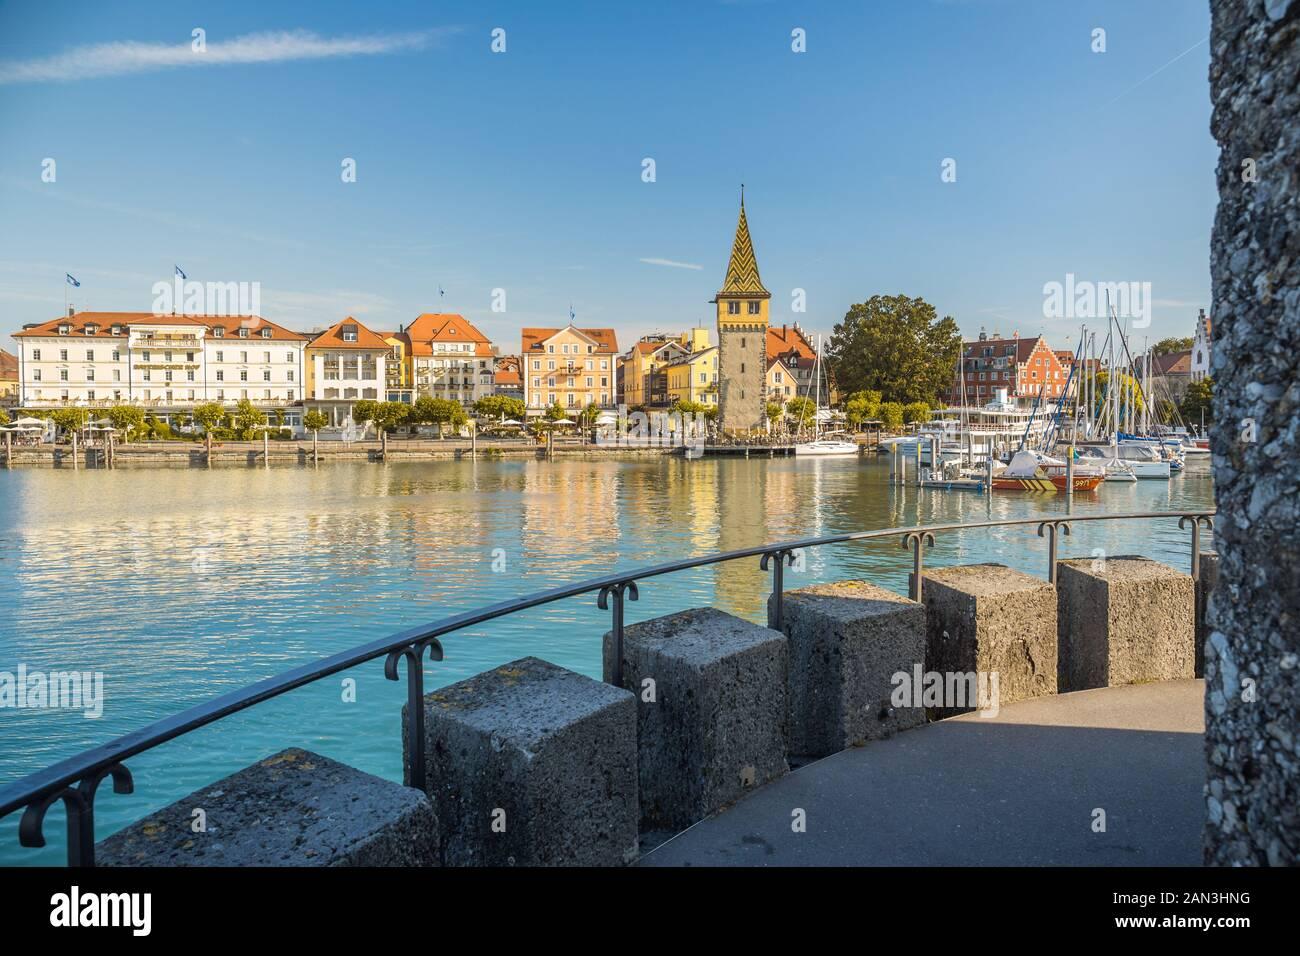 Lindau, Alemania, en julio de 2019 - Vista de la marina y la torre Mangturm situado en el puerto alemán Lindau. Foto de stock